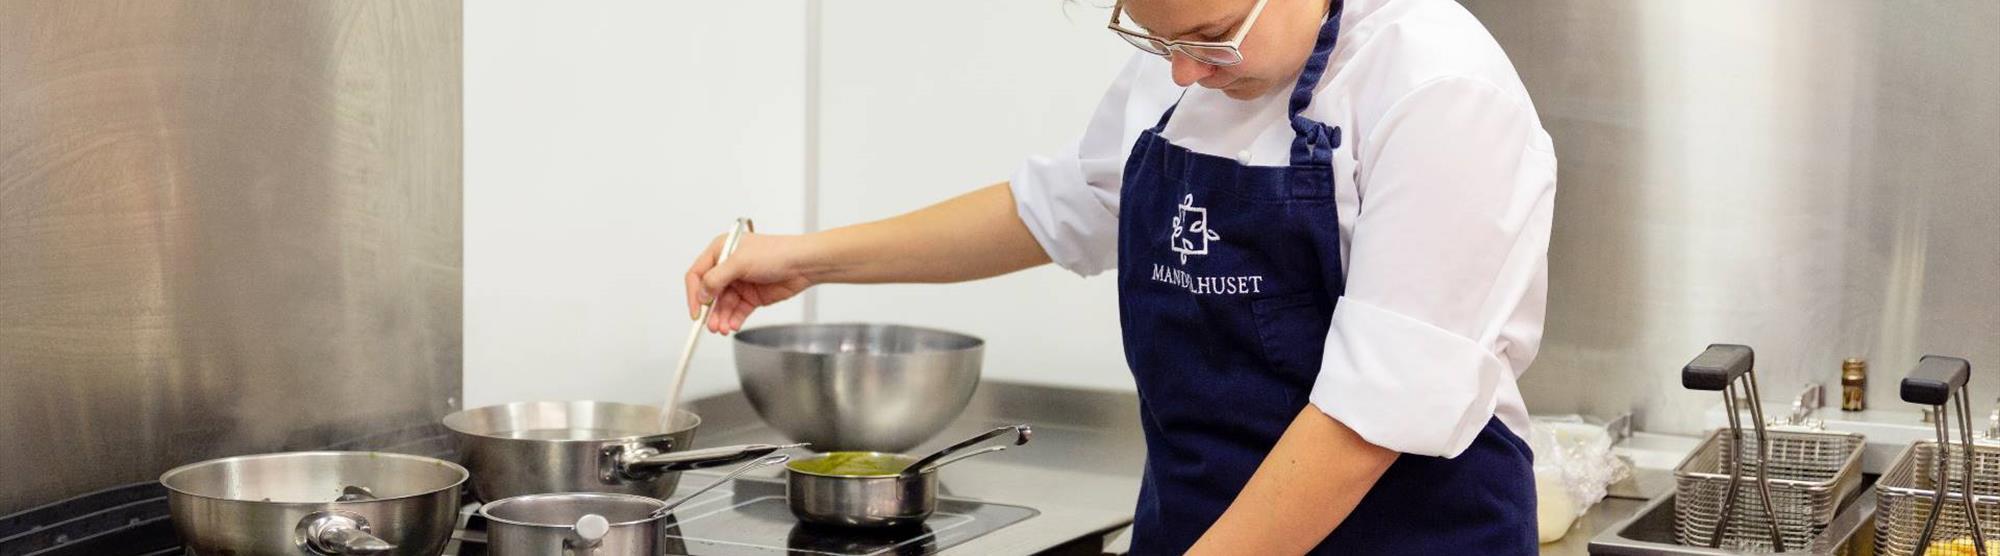 The secrets of the dish called raspeballer